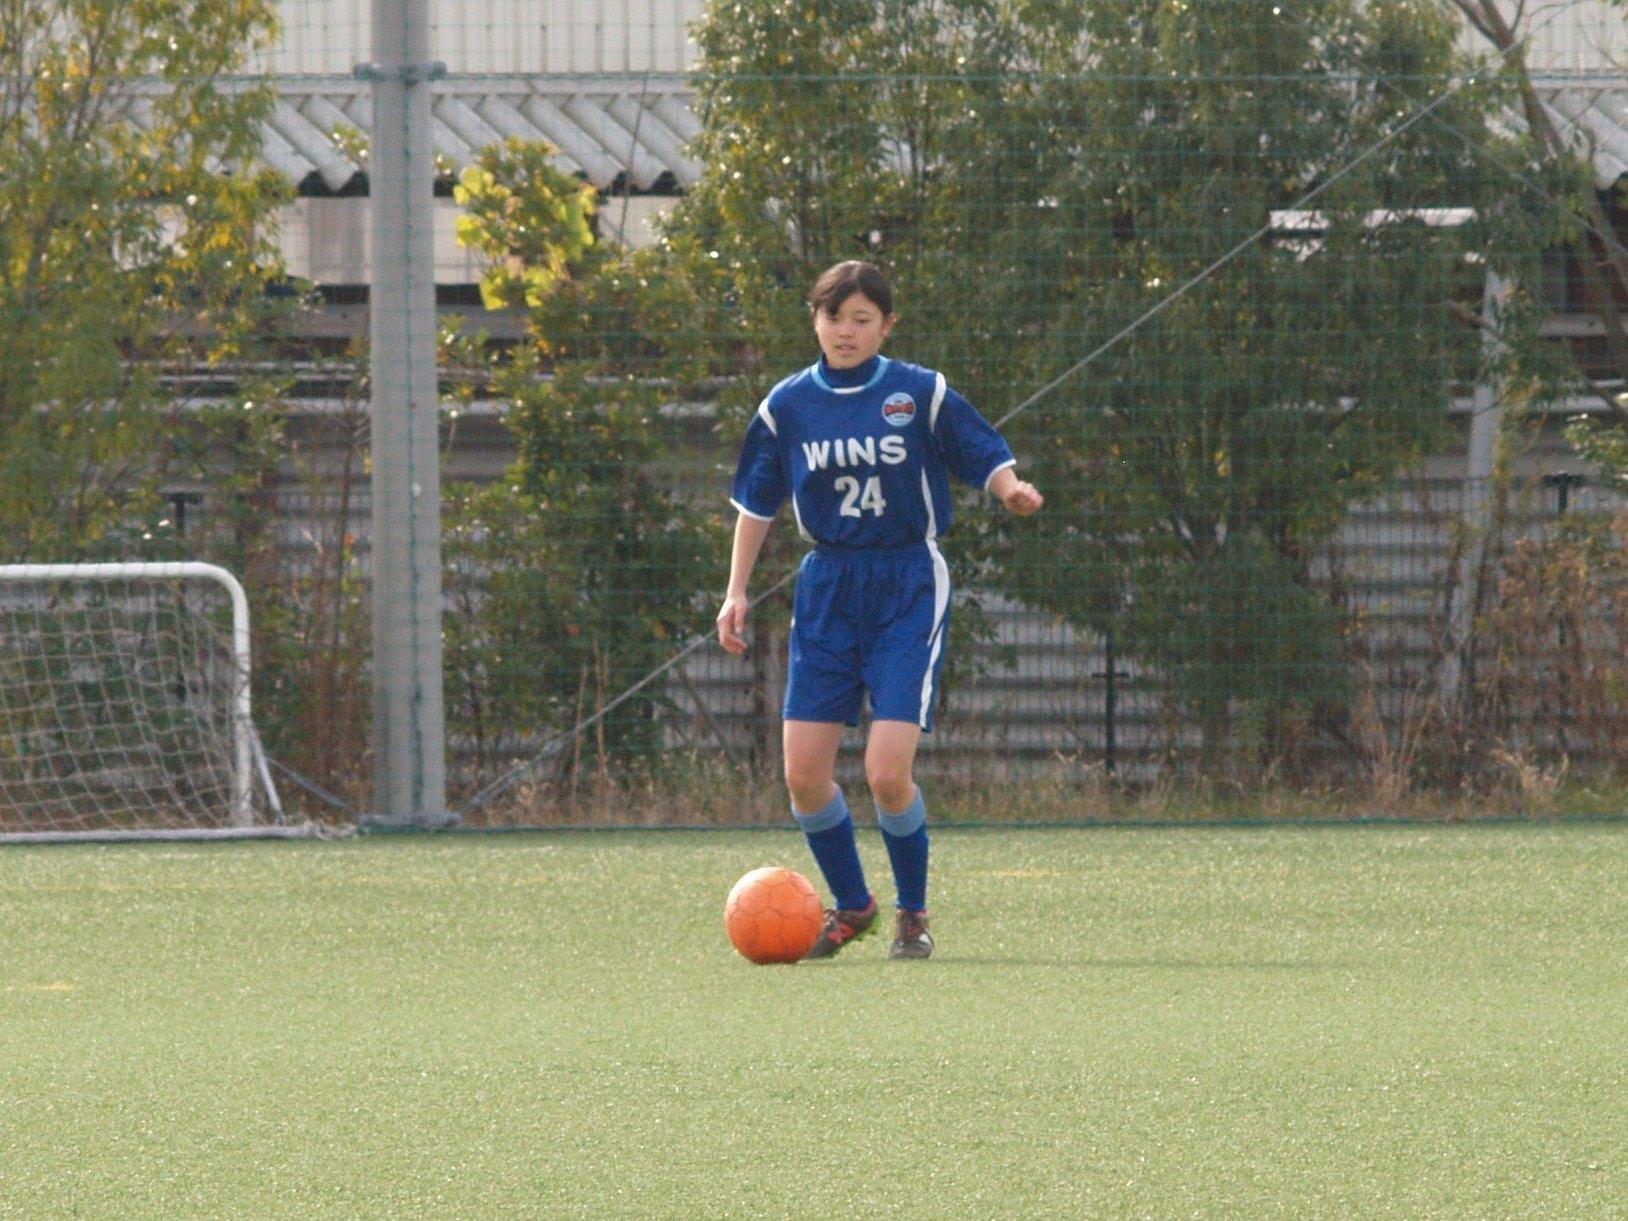 第24回神奈川県女子中学生サッカー大会_f0375011_22213243.jpg